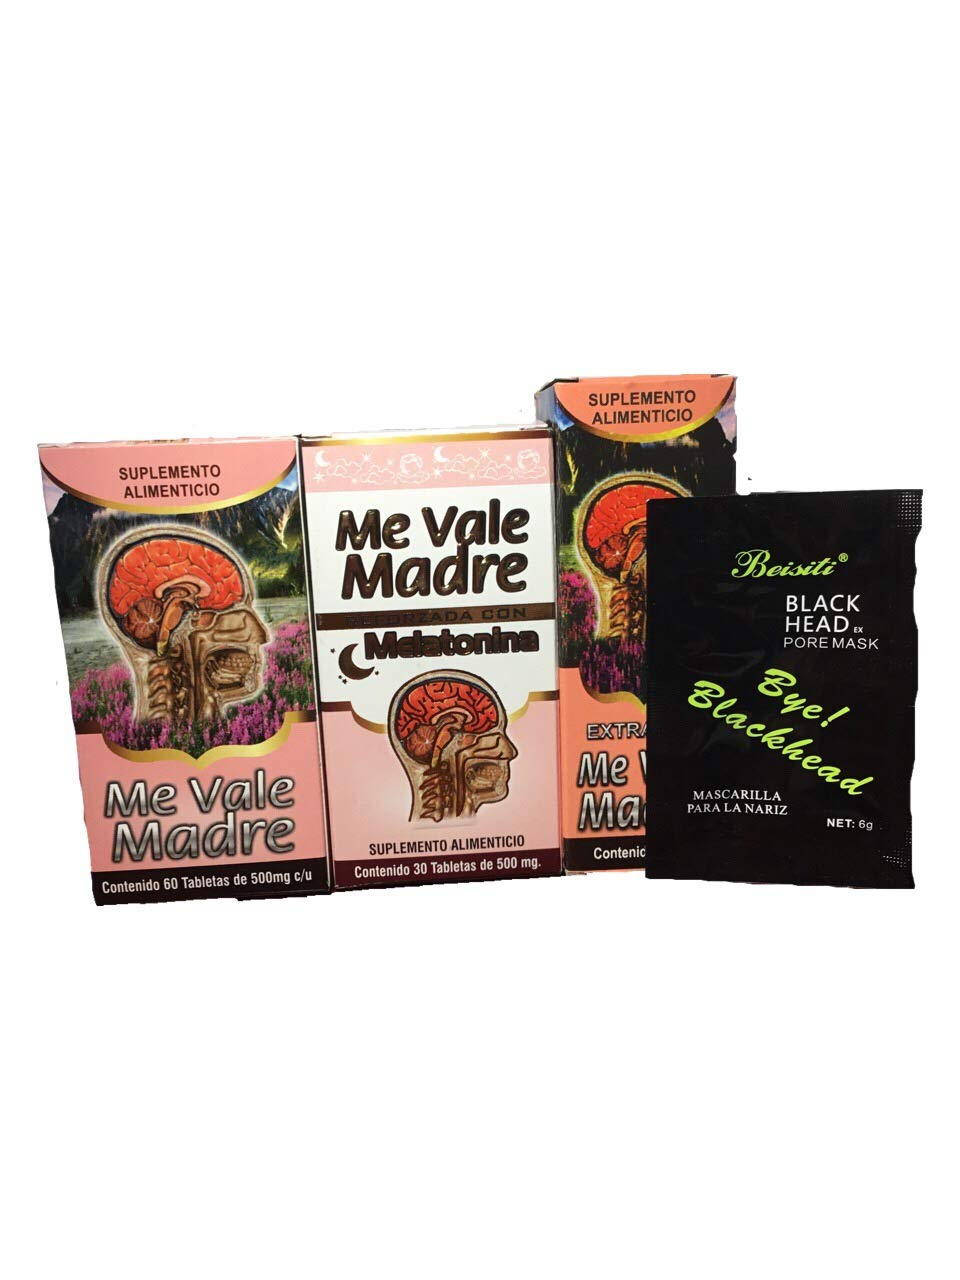 Amazon.com: Me Vale Madre 60 Cap y Me vale Madre Melatonina 60 Cap, Mas Extracto Me vale Madre Headache Migraine & Stress, Dolor De Cabeza,estres (Charcoal ...